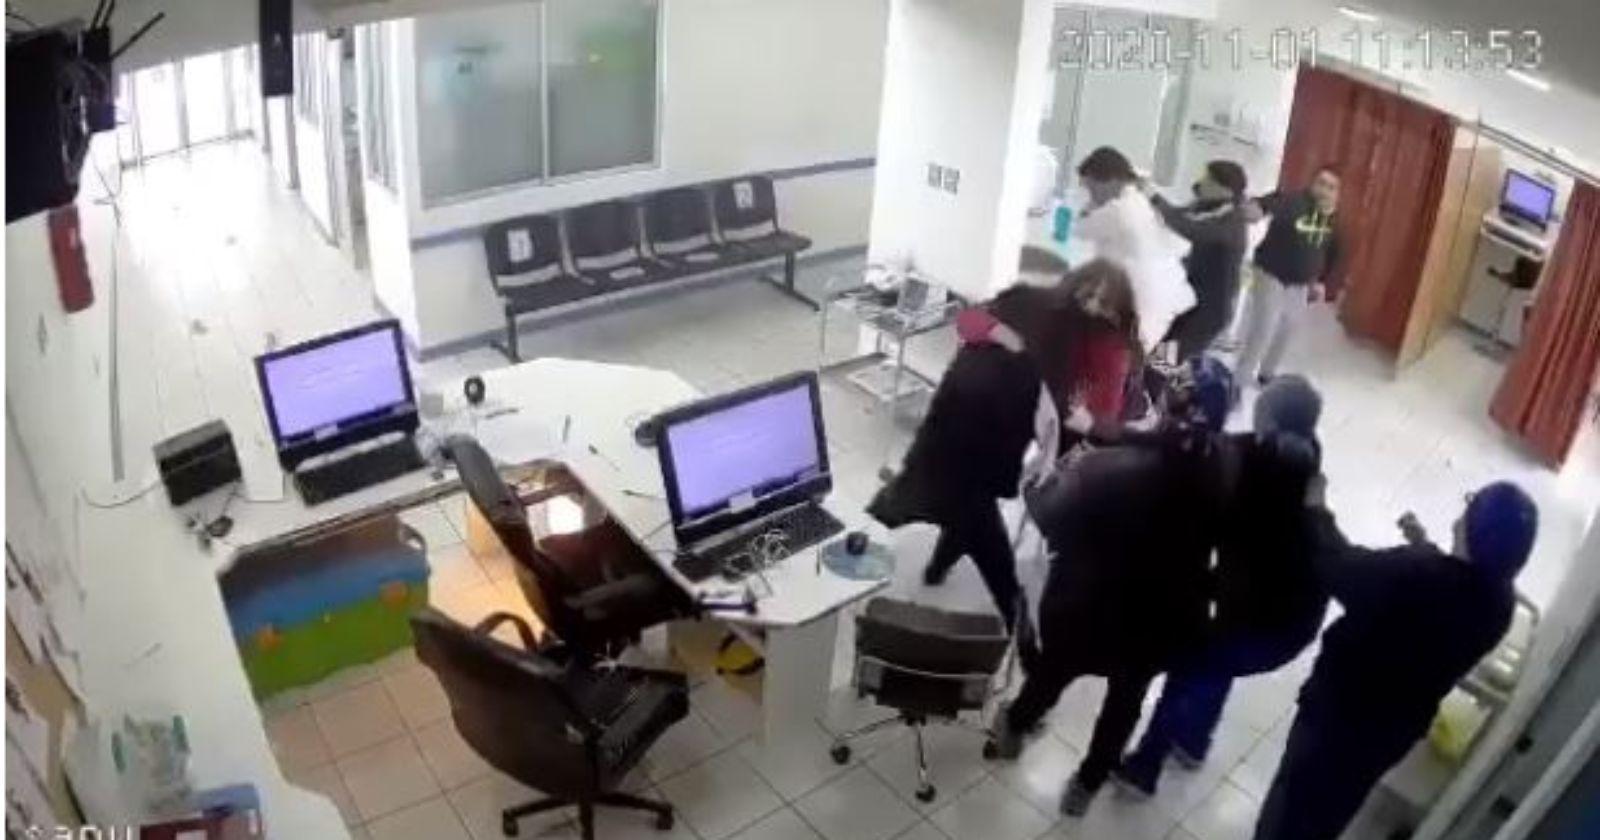 VIDEO – La violenta agresión a funcionarios de SAPU en La Serena